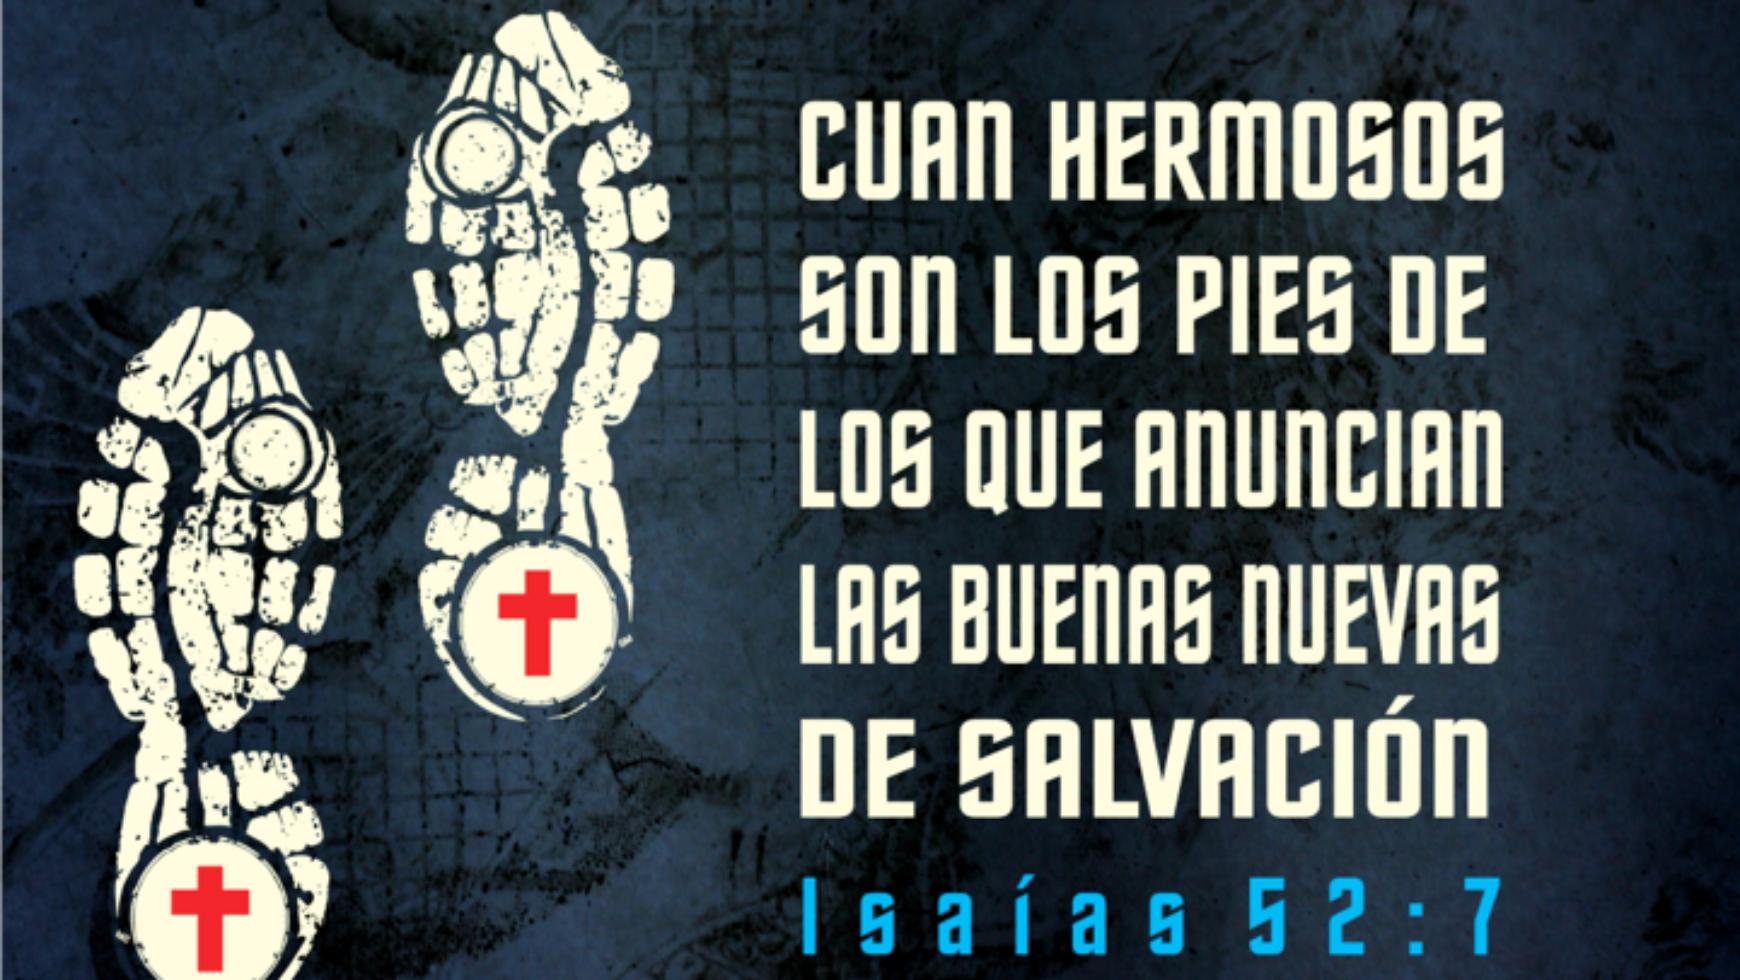 Cuan hermosos son los pies de los que anuncian las buenas nuevas de salvación